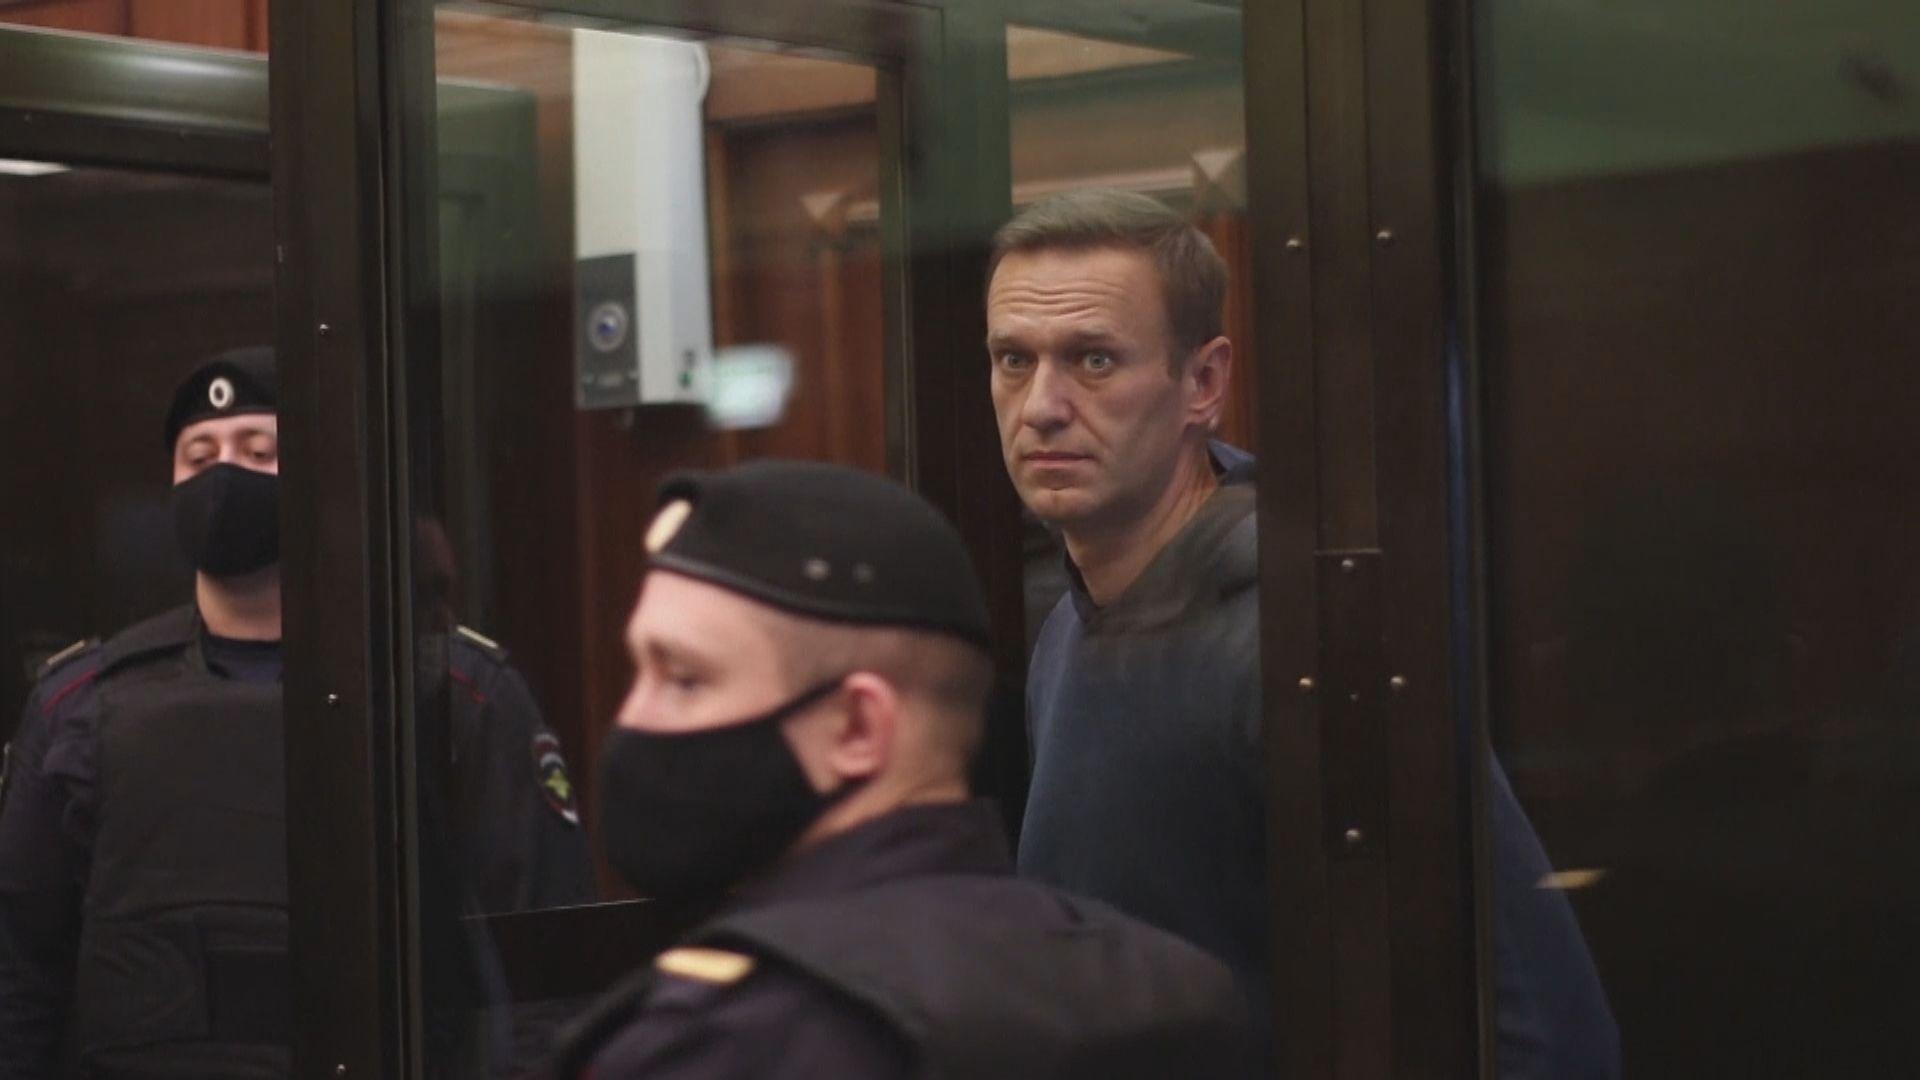 俄羅斯法院審理反對派領袖納瓦爾尼違反緩刑條件案